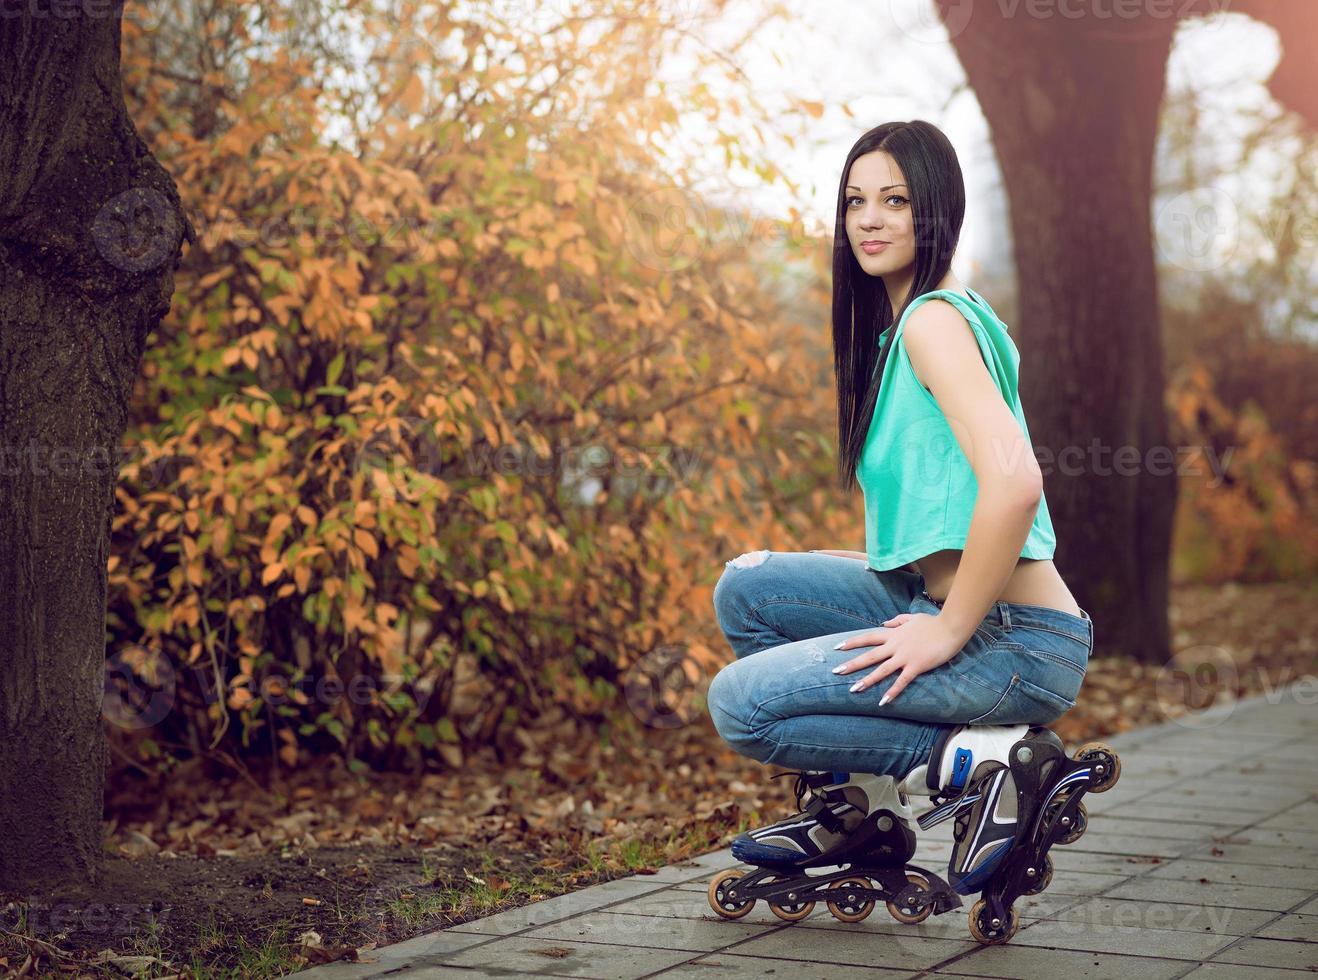 giovane ragazza in ginocchio su pattini a rotelle. foto